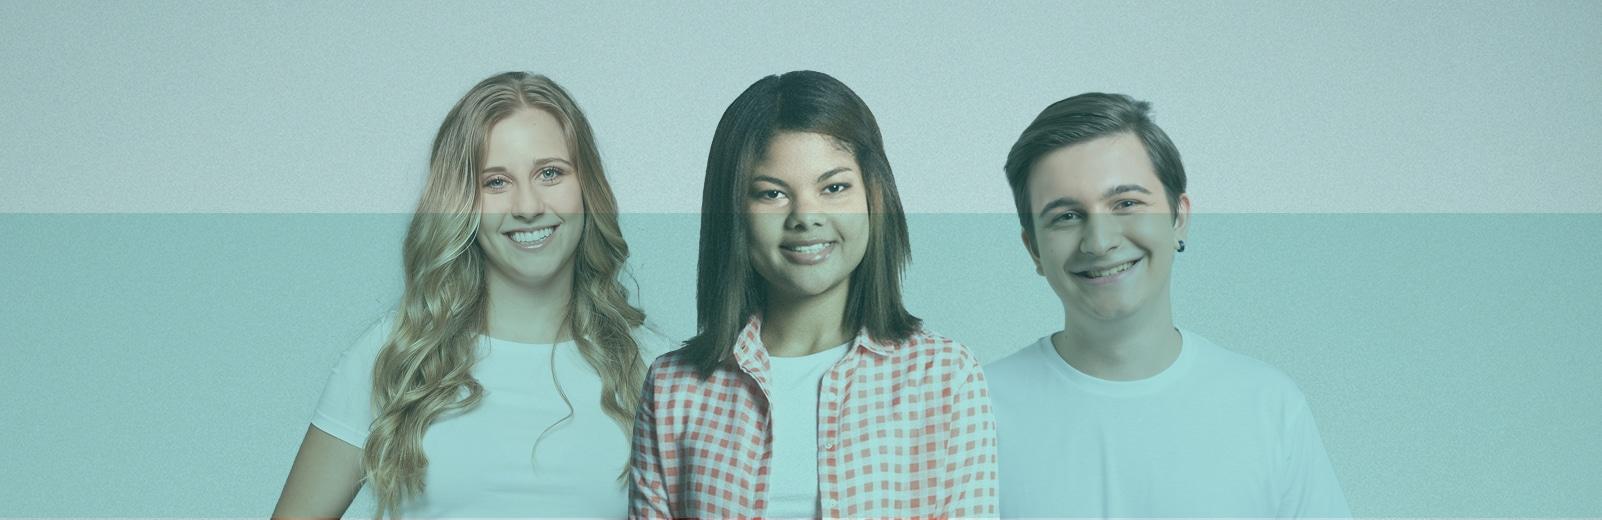 Tres jóvenes candidatos de Fundación Adecco sonríen. Visten con camiseta blanca y están muy contentos.